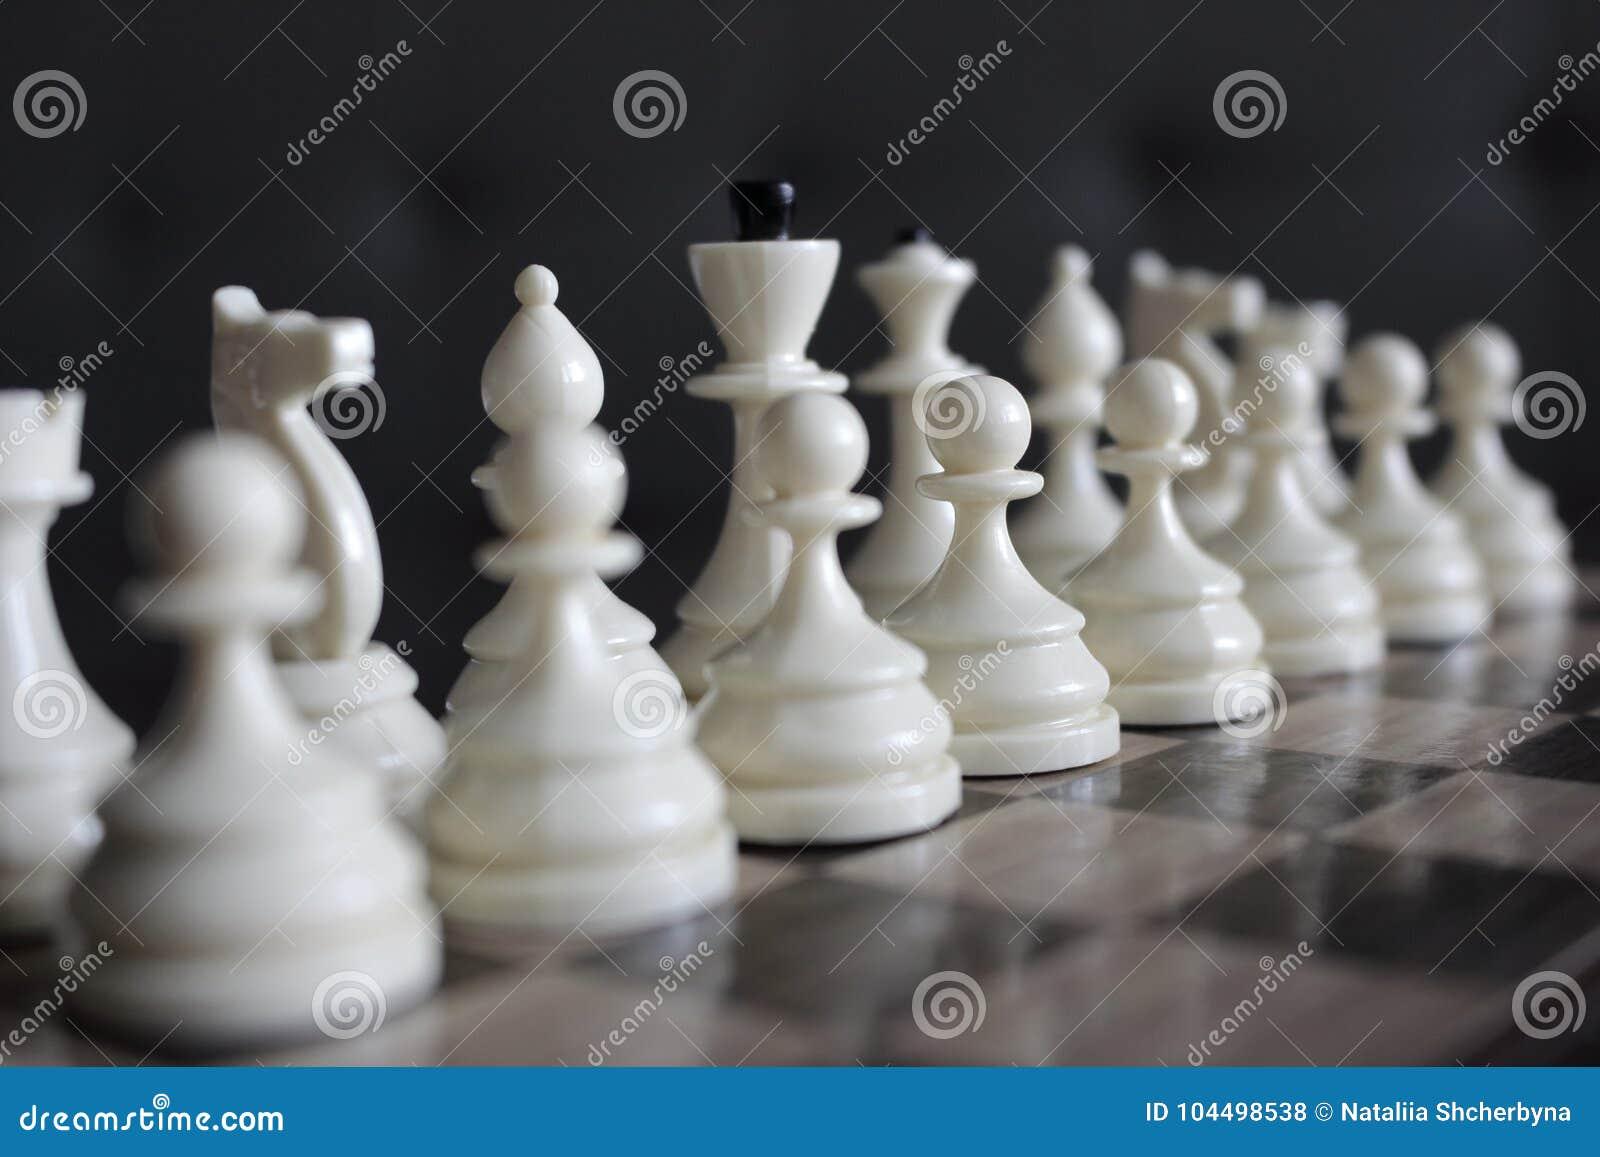 白色棋系列计算集中和未聚焦于木棋枰作为战略比赛概念